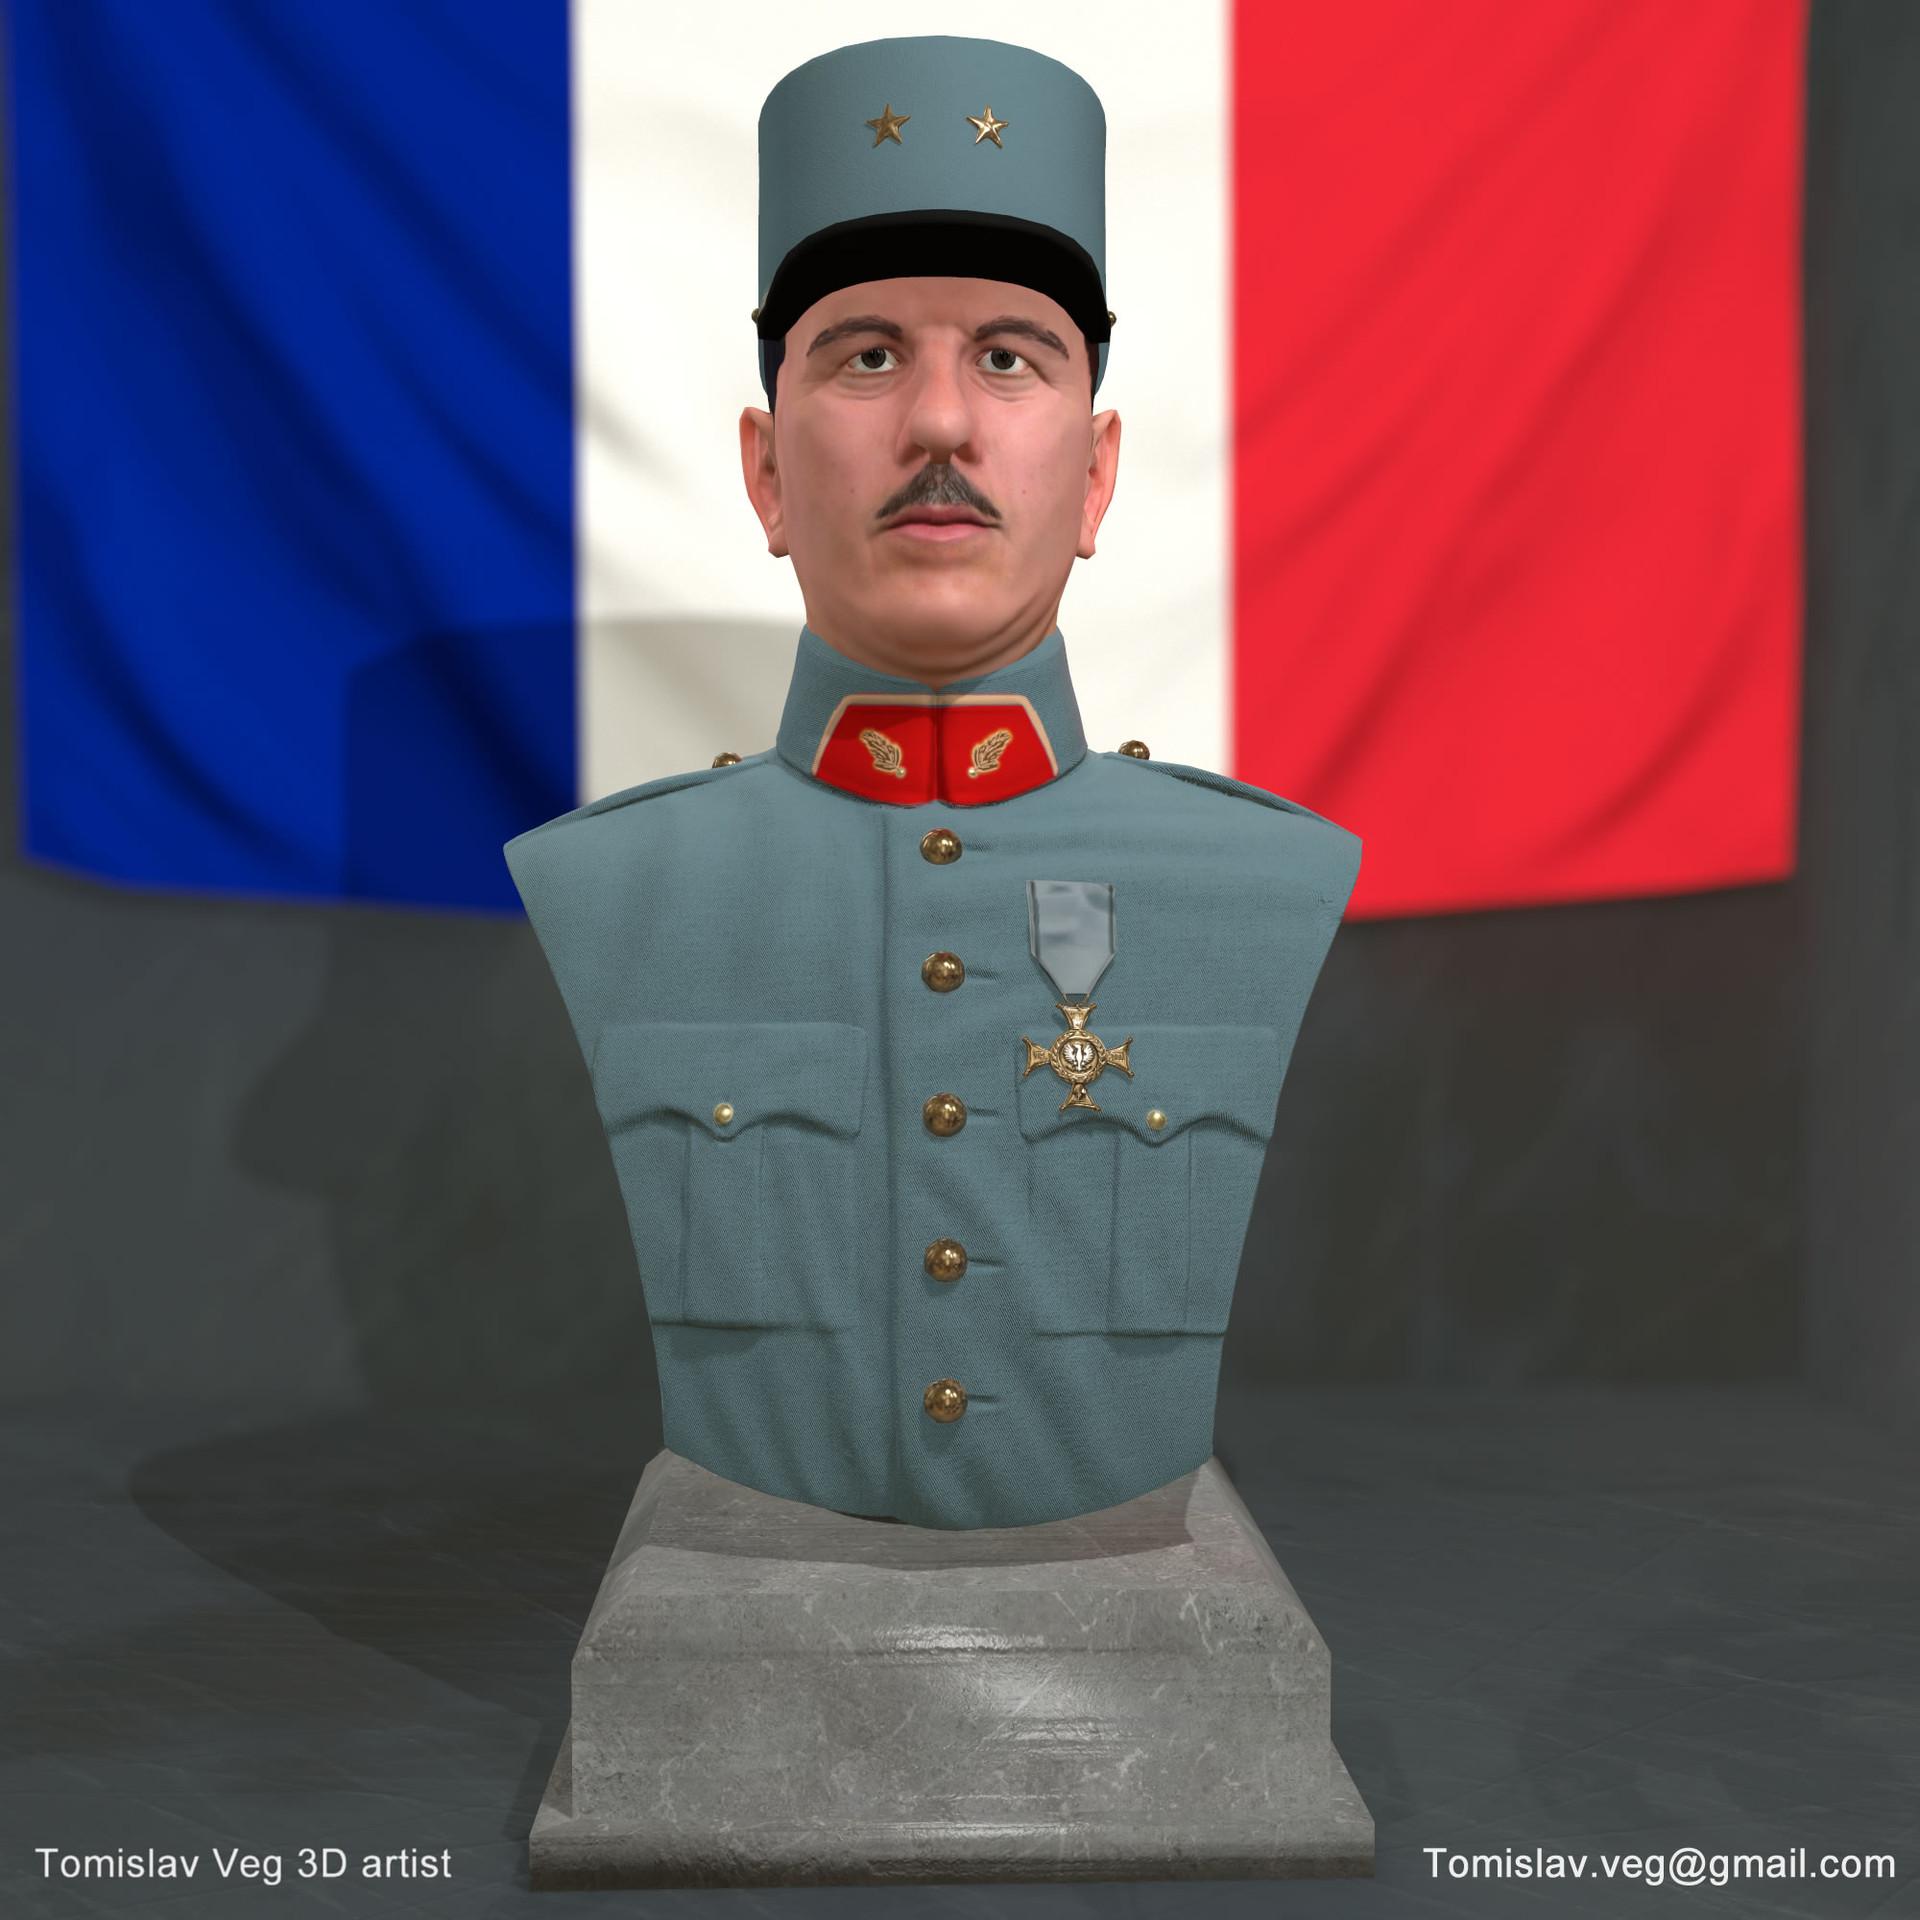 Tomislav veg 2